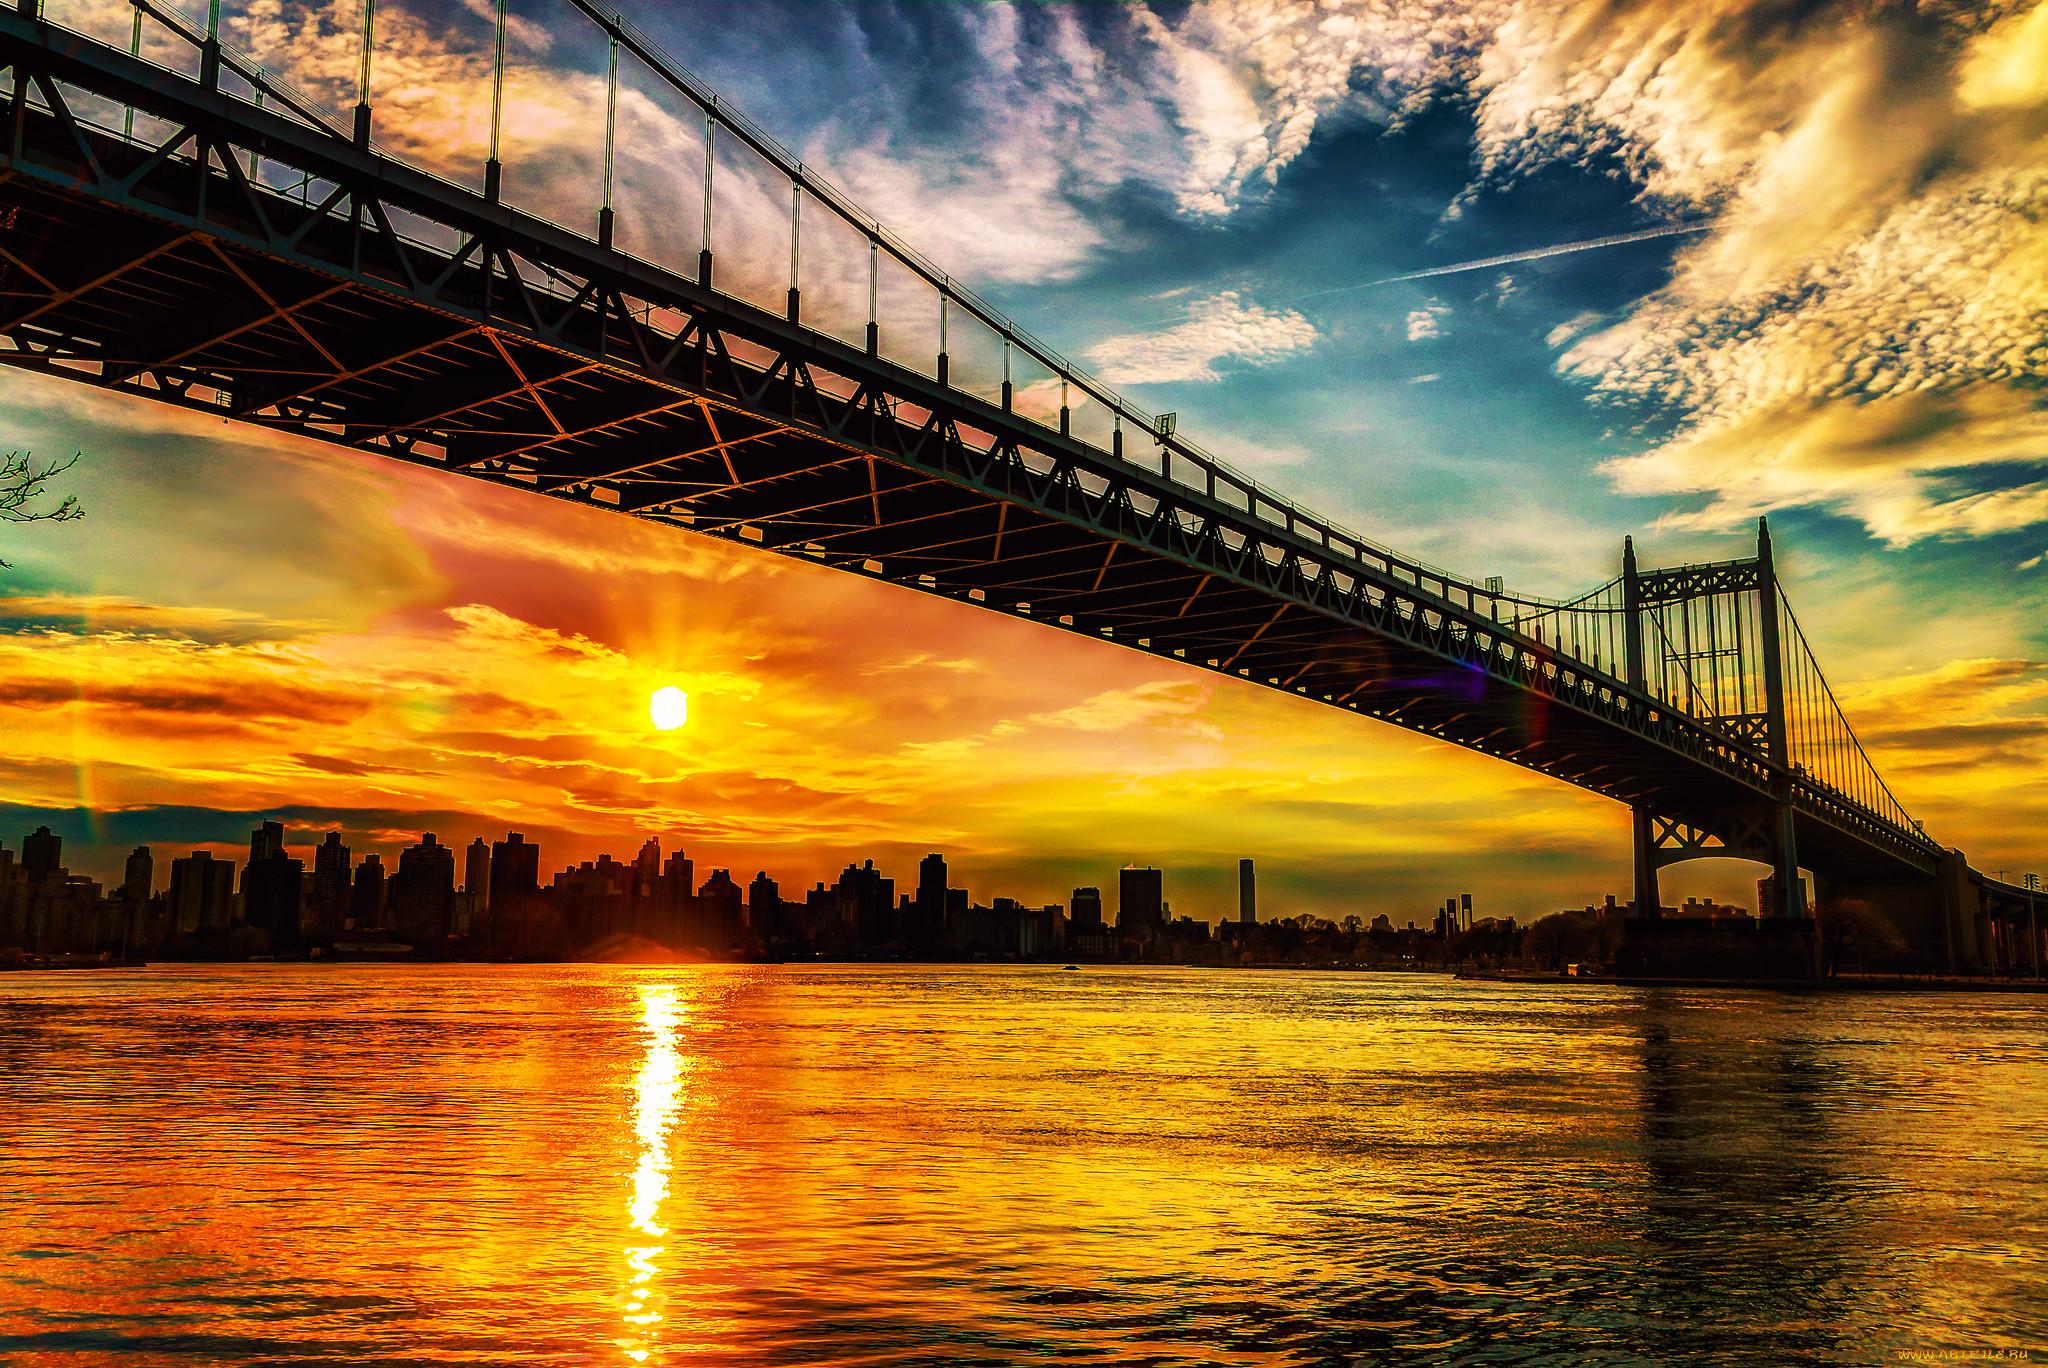 самых популярных картинки на телефон мост с закатом может быть